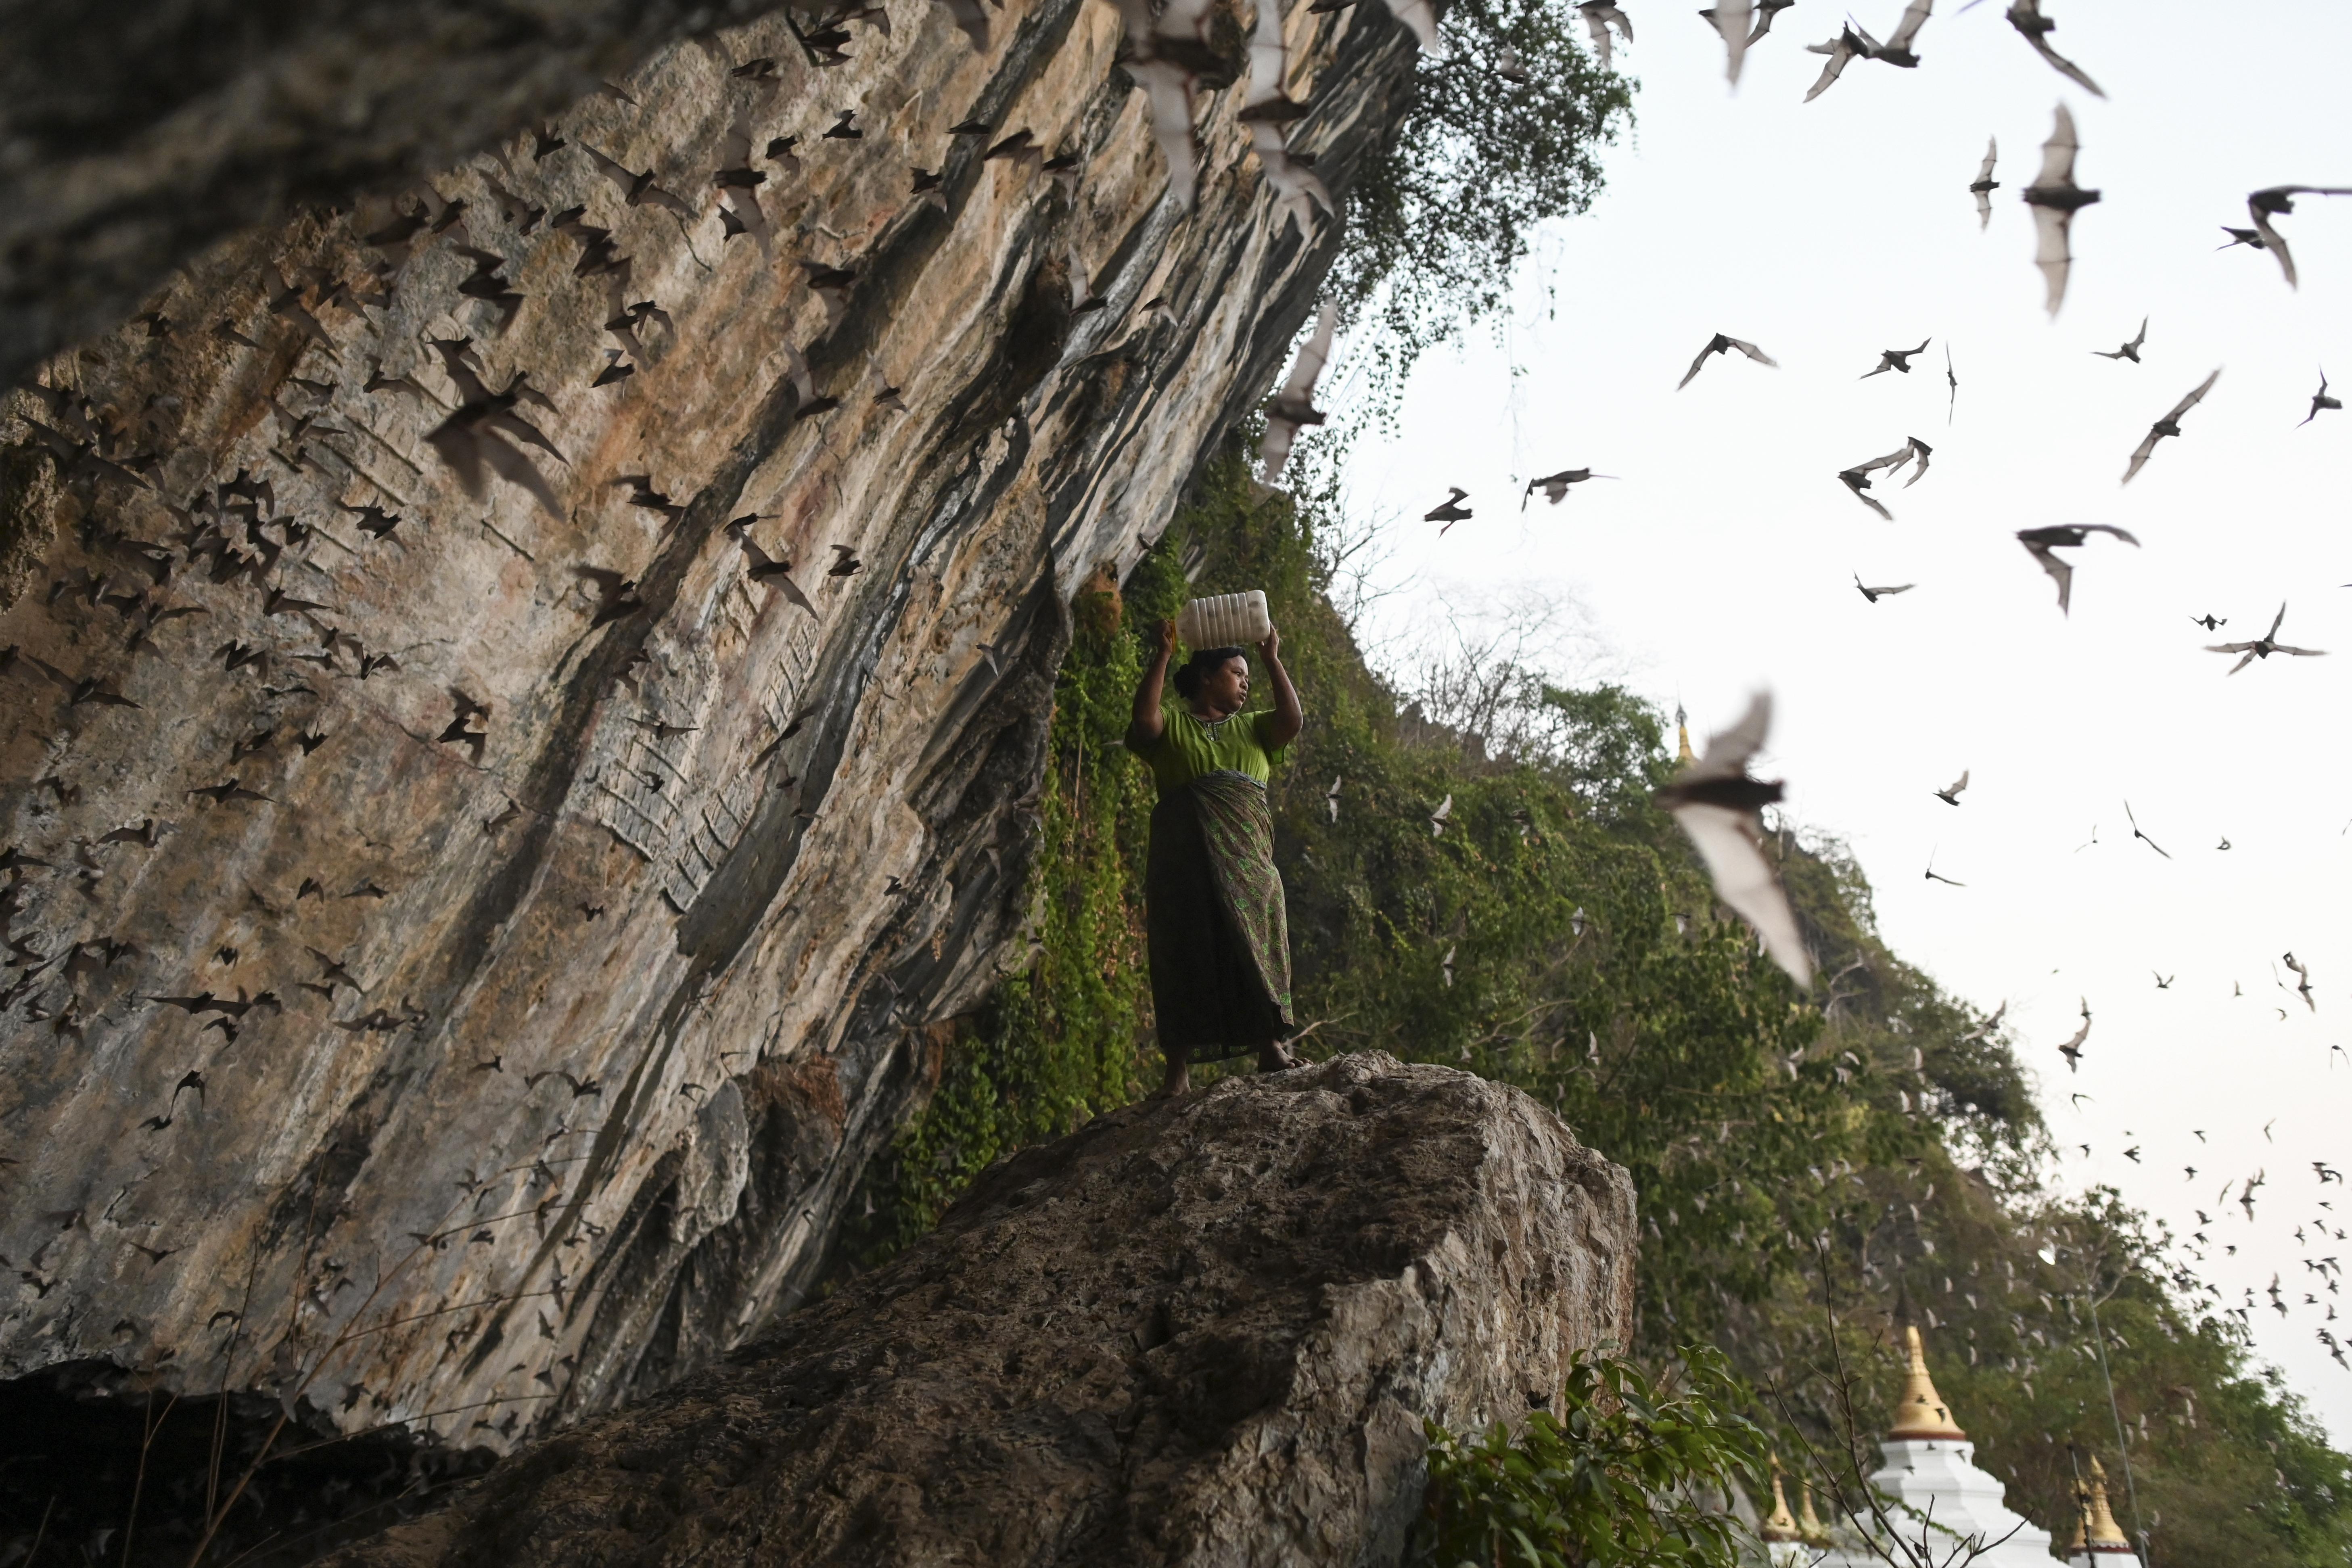 الخفافيش هي أهم الحيوانات المشتبه في استضافتها فيروس كورونا المستجد ونقله إلى الإنسان